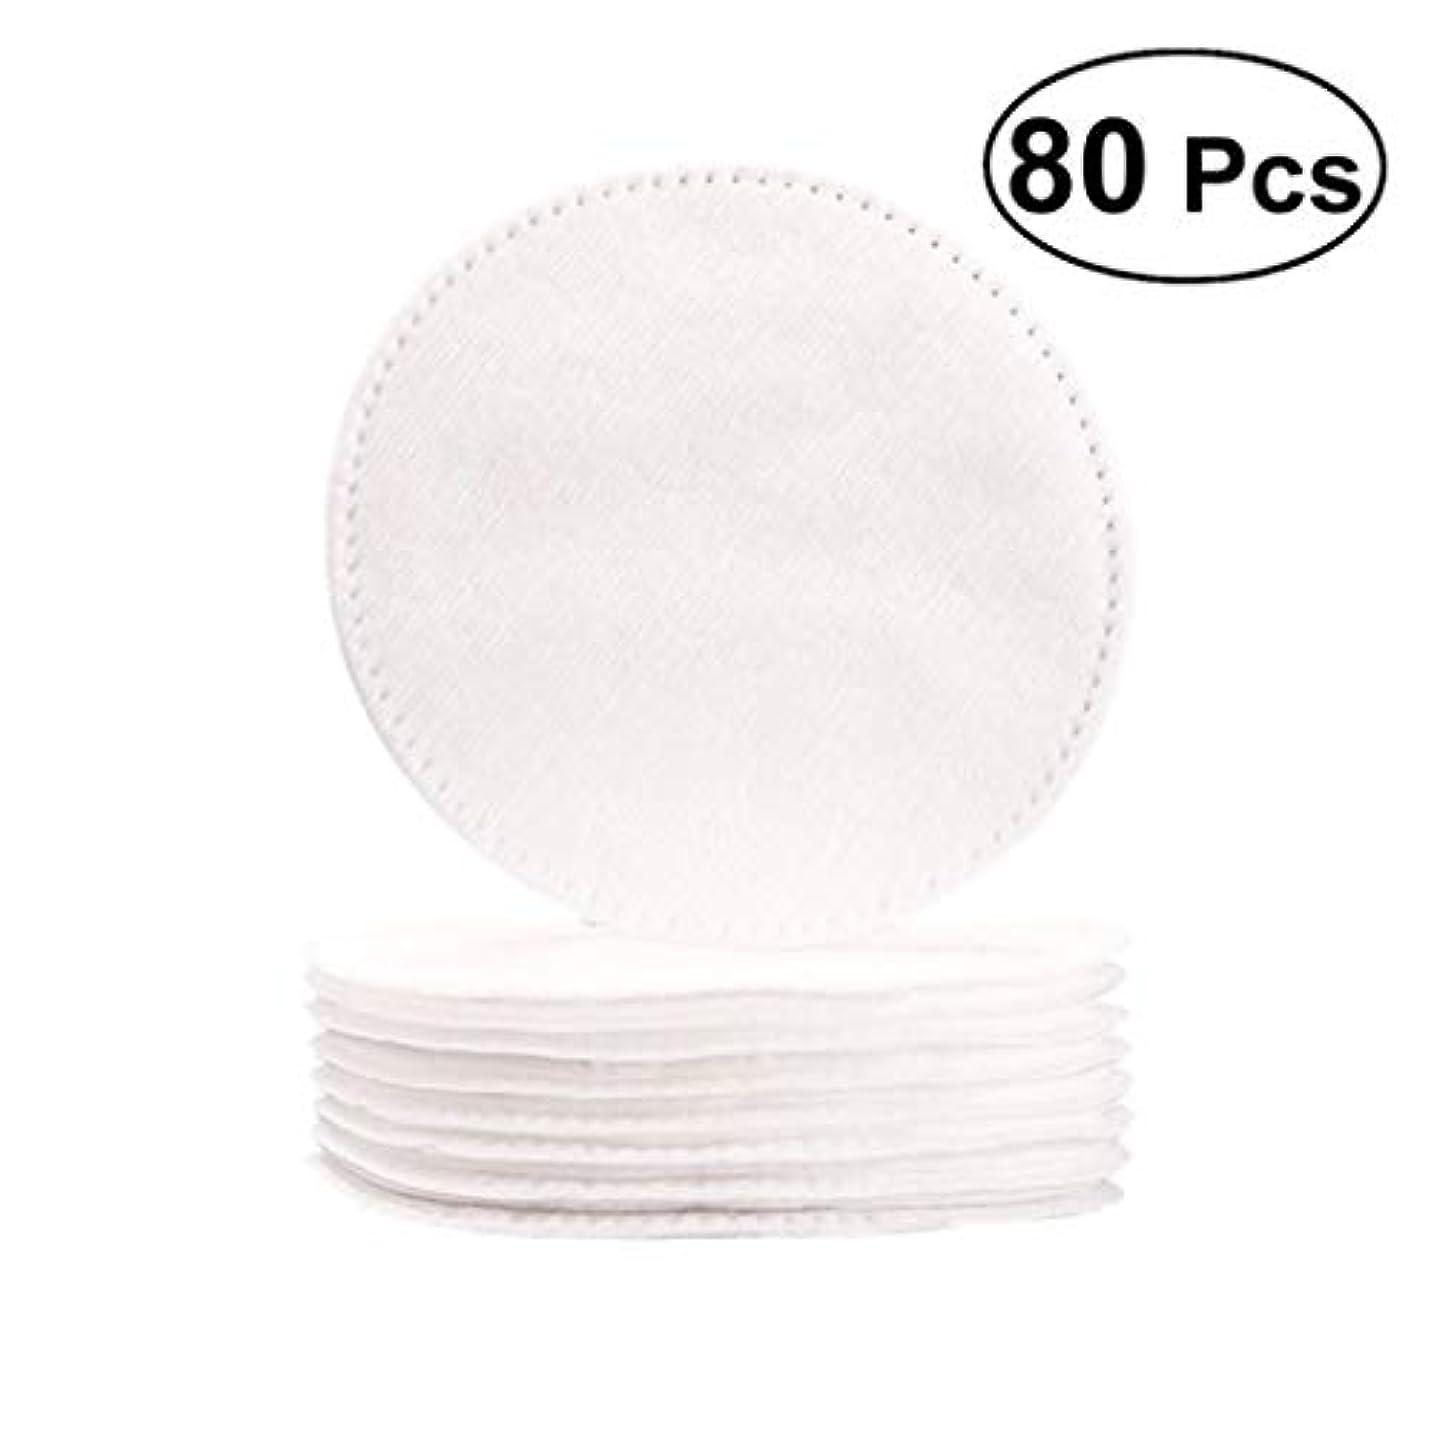 ブレークわかりやすいバストクレンジングシート 80ピースコットンパッド使い捨てダブルフェイスクレンジングクリーニングパッドフェイシャルコットンシートネイルスキンケアコットンパッド (Color : White, サイズ : 5.5cm)